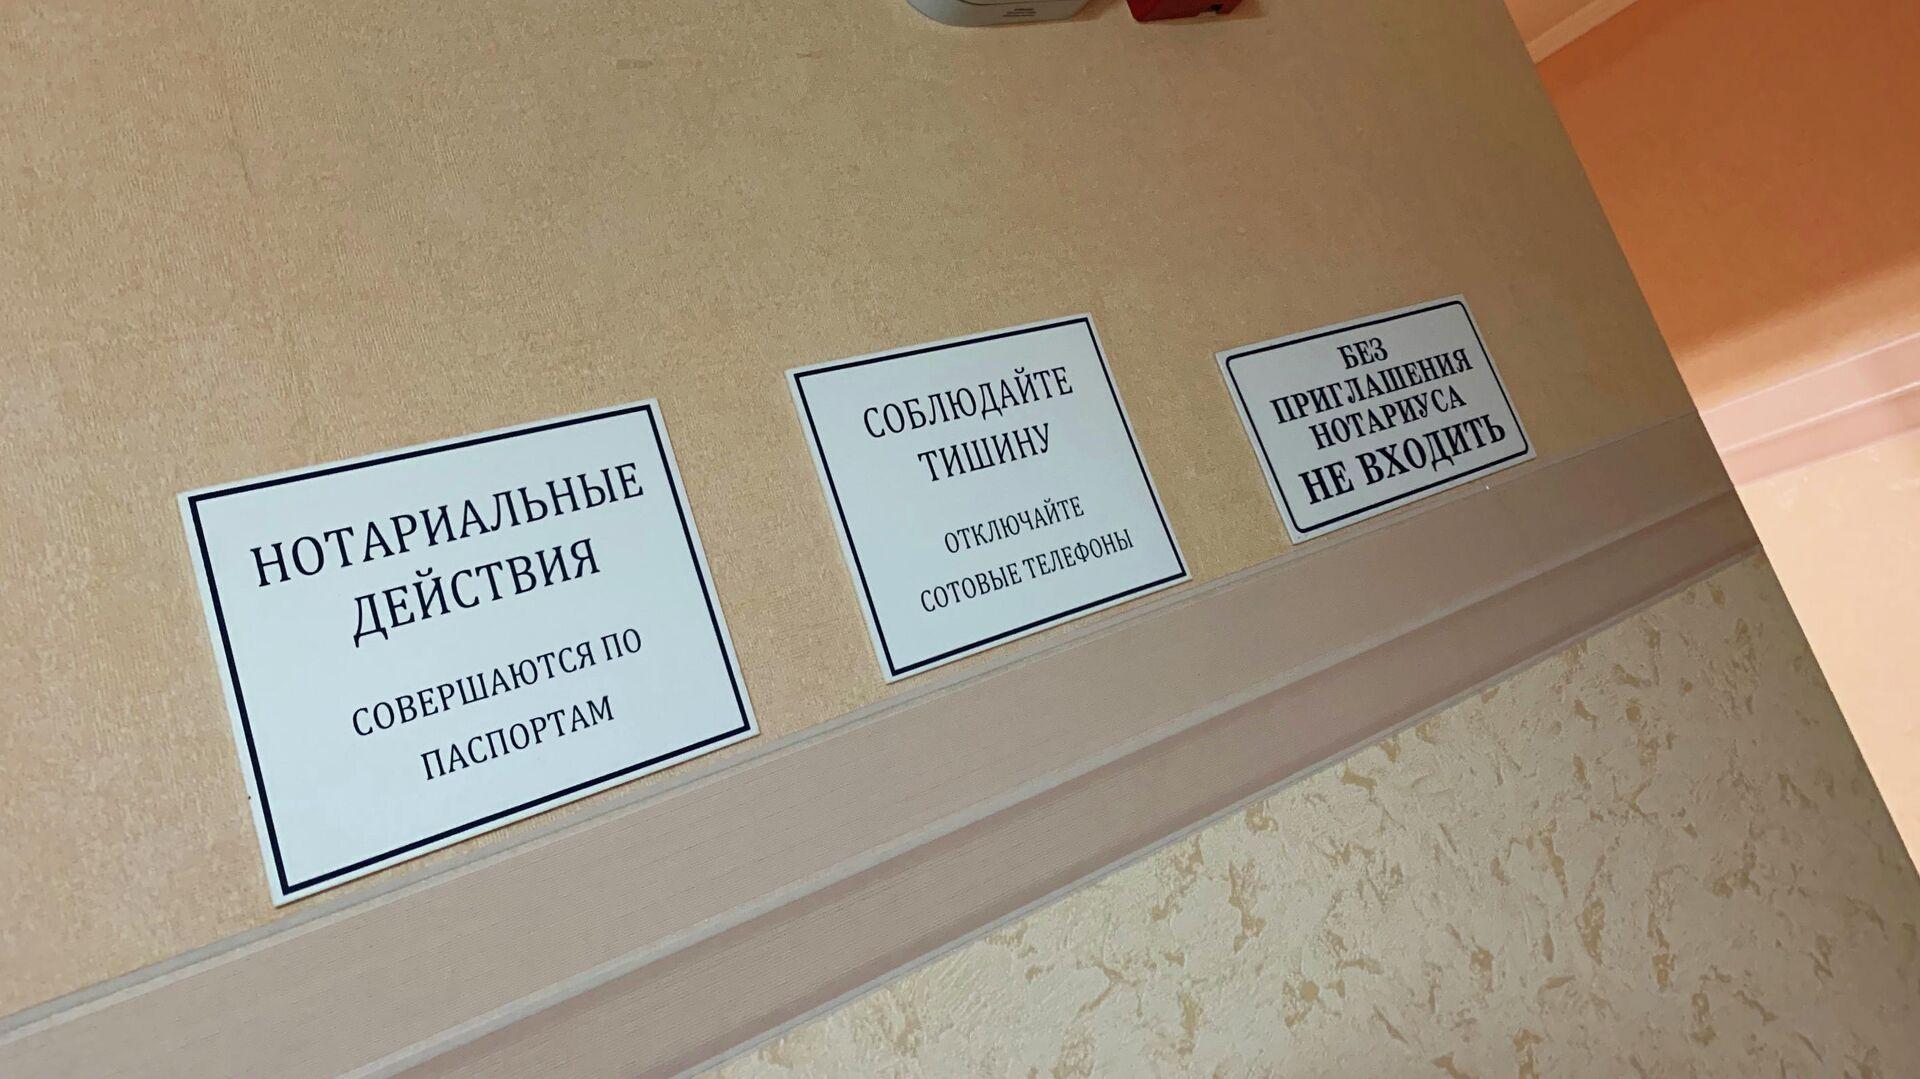 Таблички с предупреждениями в офисе нотариуса - РИА Новости, 1920, 29.04.2019